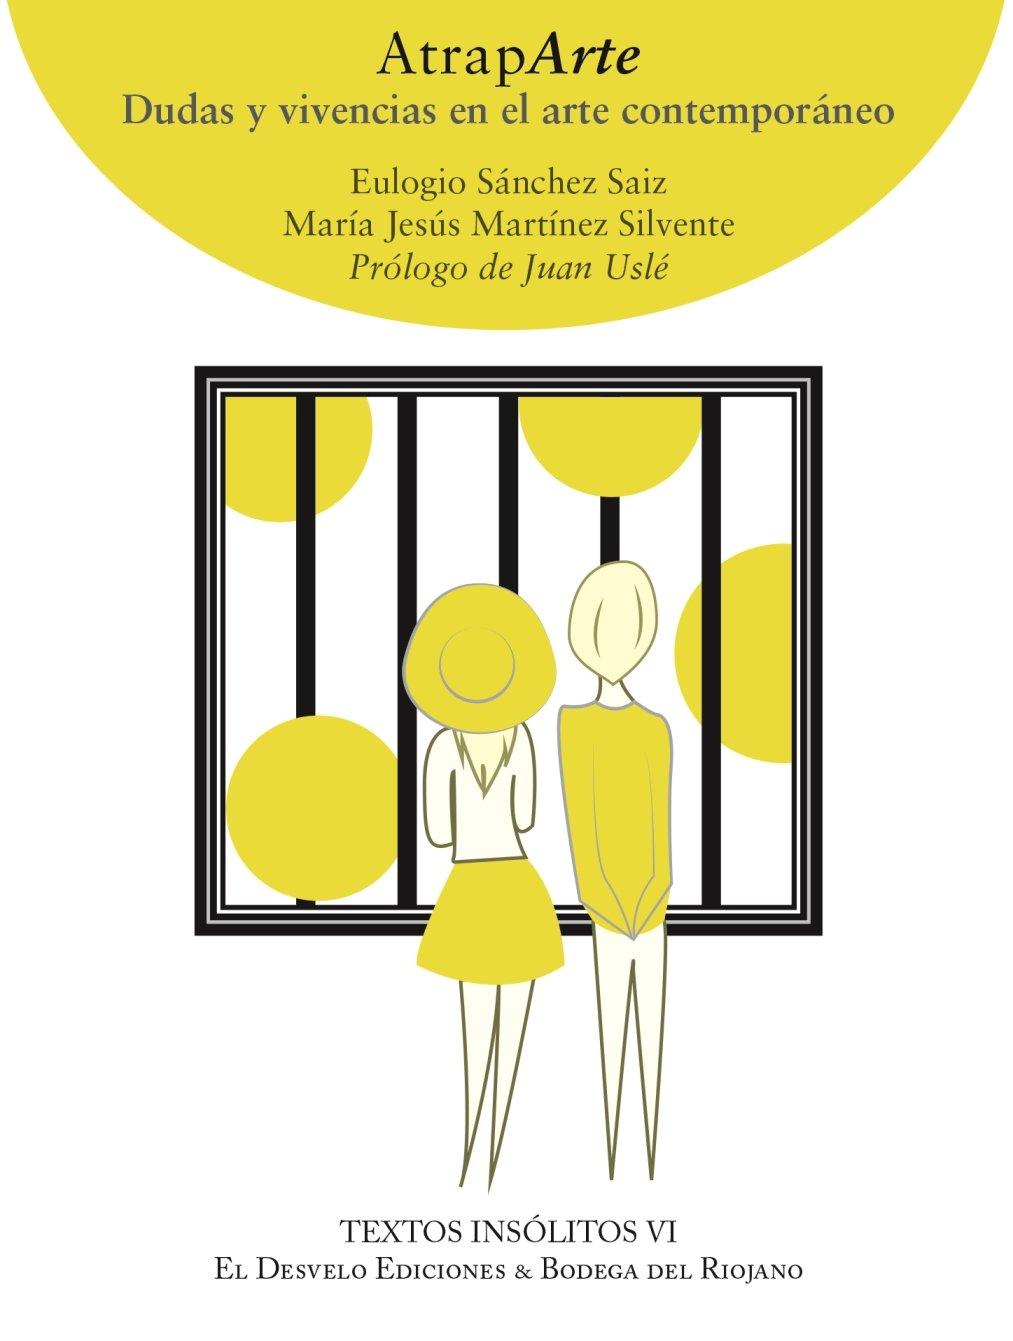 <em>Atraparte. Dudas y vivencias en el arte contemporáneo</em>, de Eulogio Sánchez Saiz y María Jesús Martínez Silvente